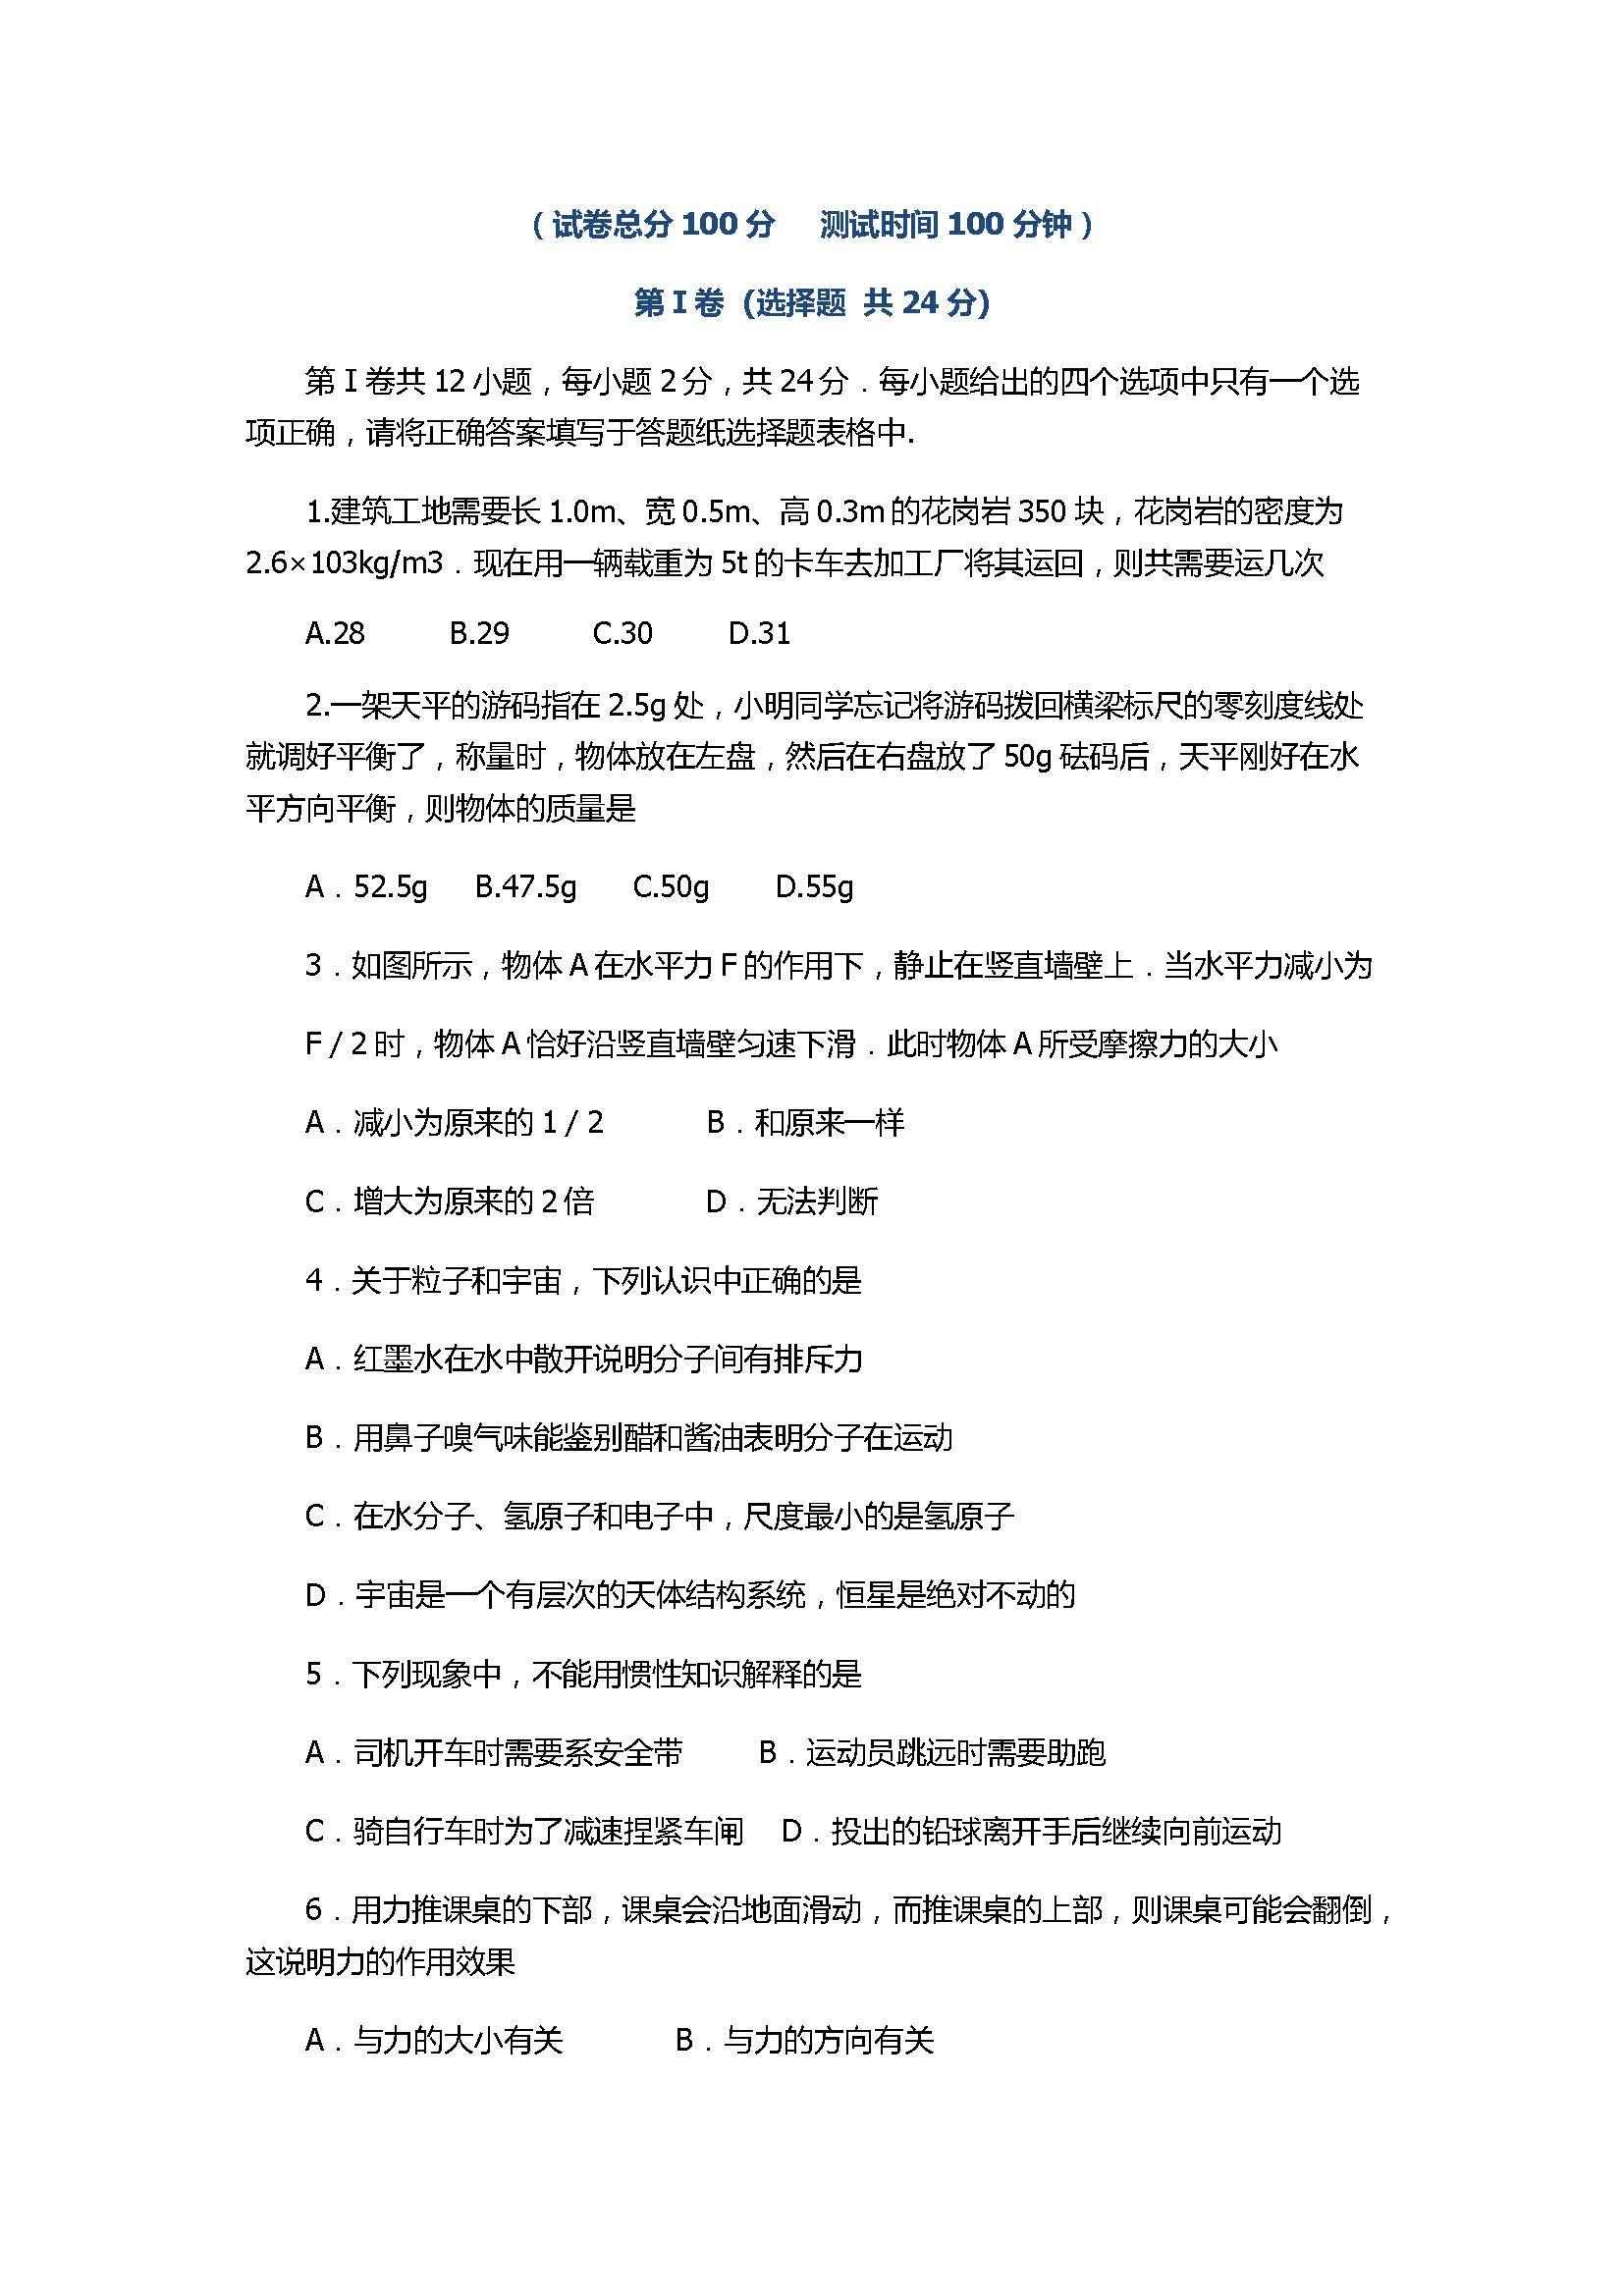 2017八年级下册物理期中试卷附参考答案(南通市海安县)